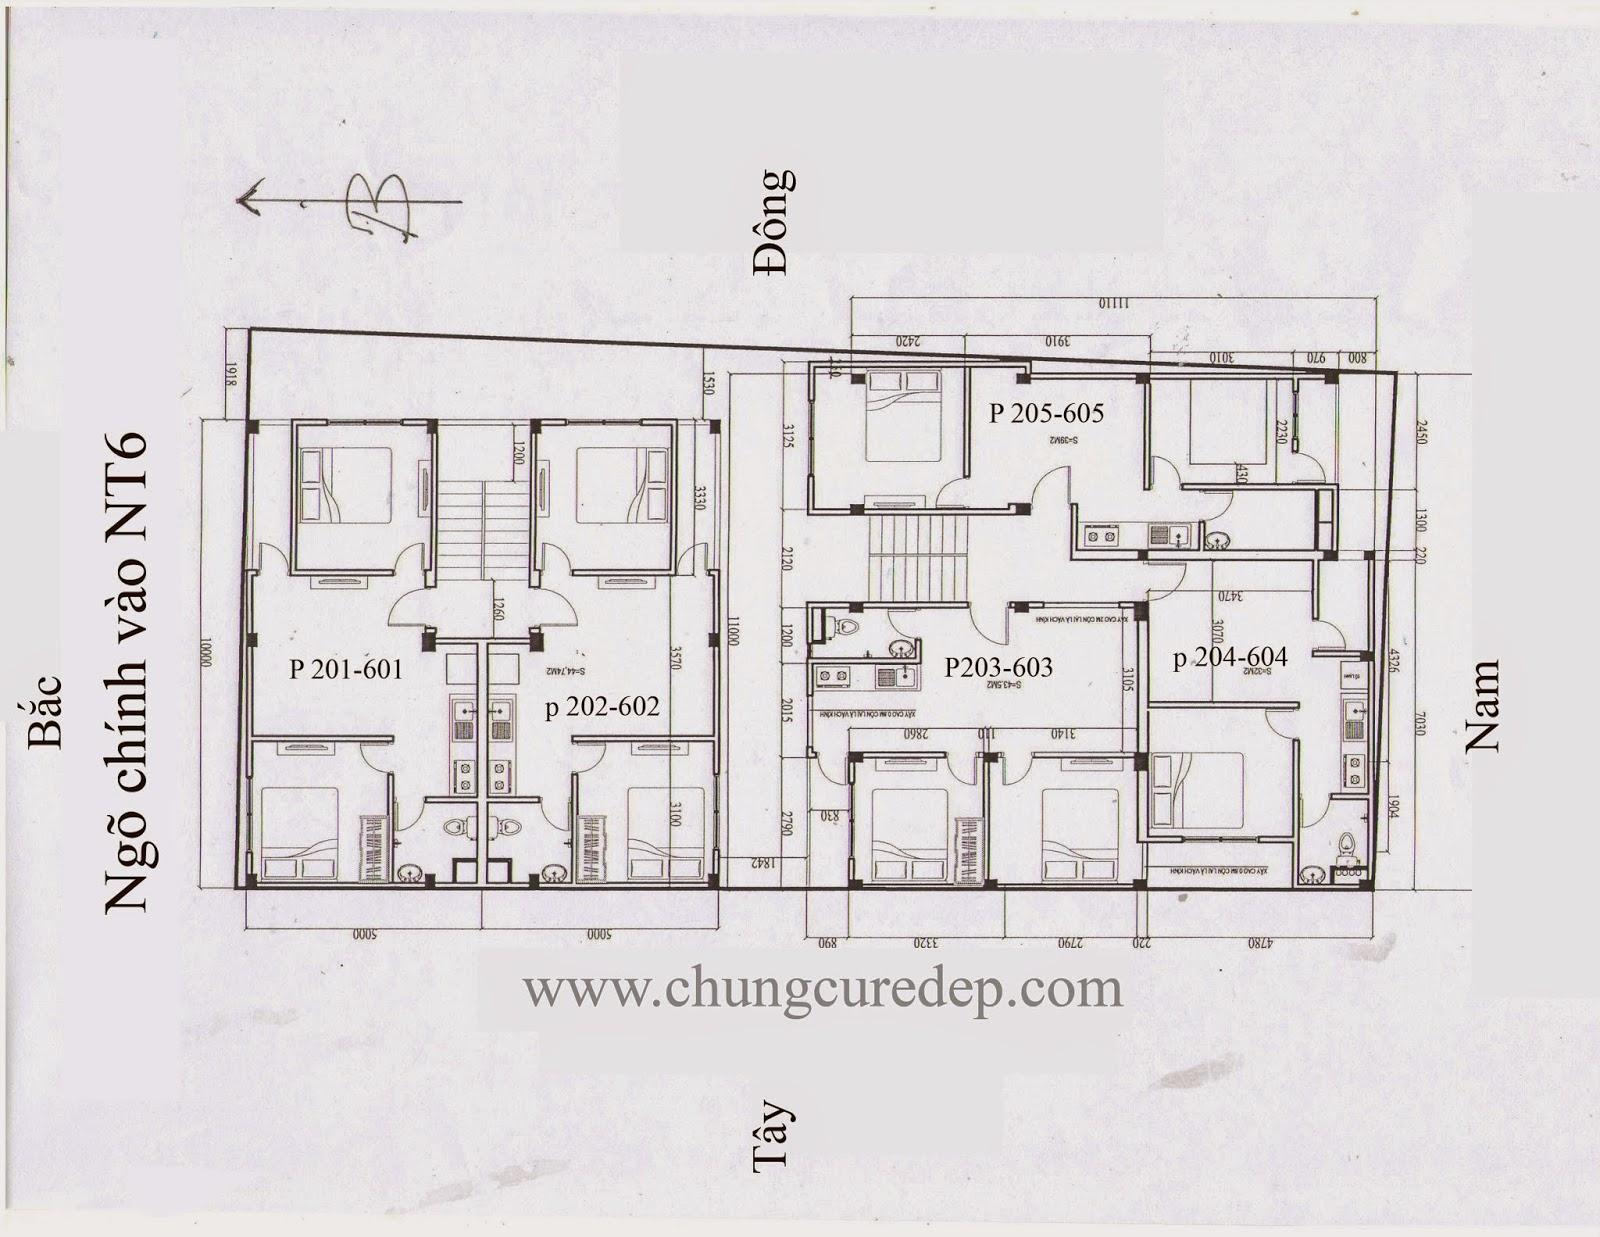 Mở bán 28 căn Chung cư mini Nhật Tảo 6, giá chỉ từ 477 triệu đến 747 triệu